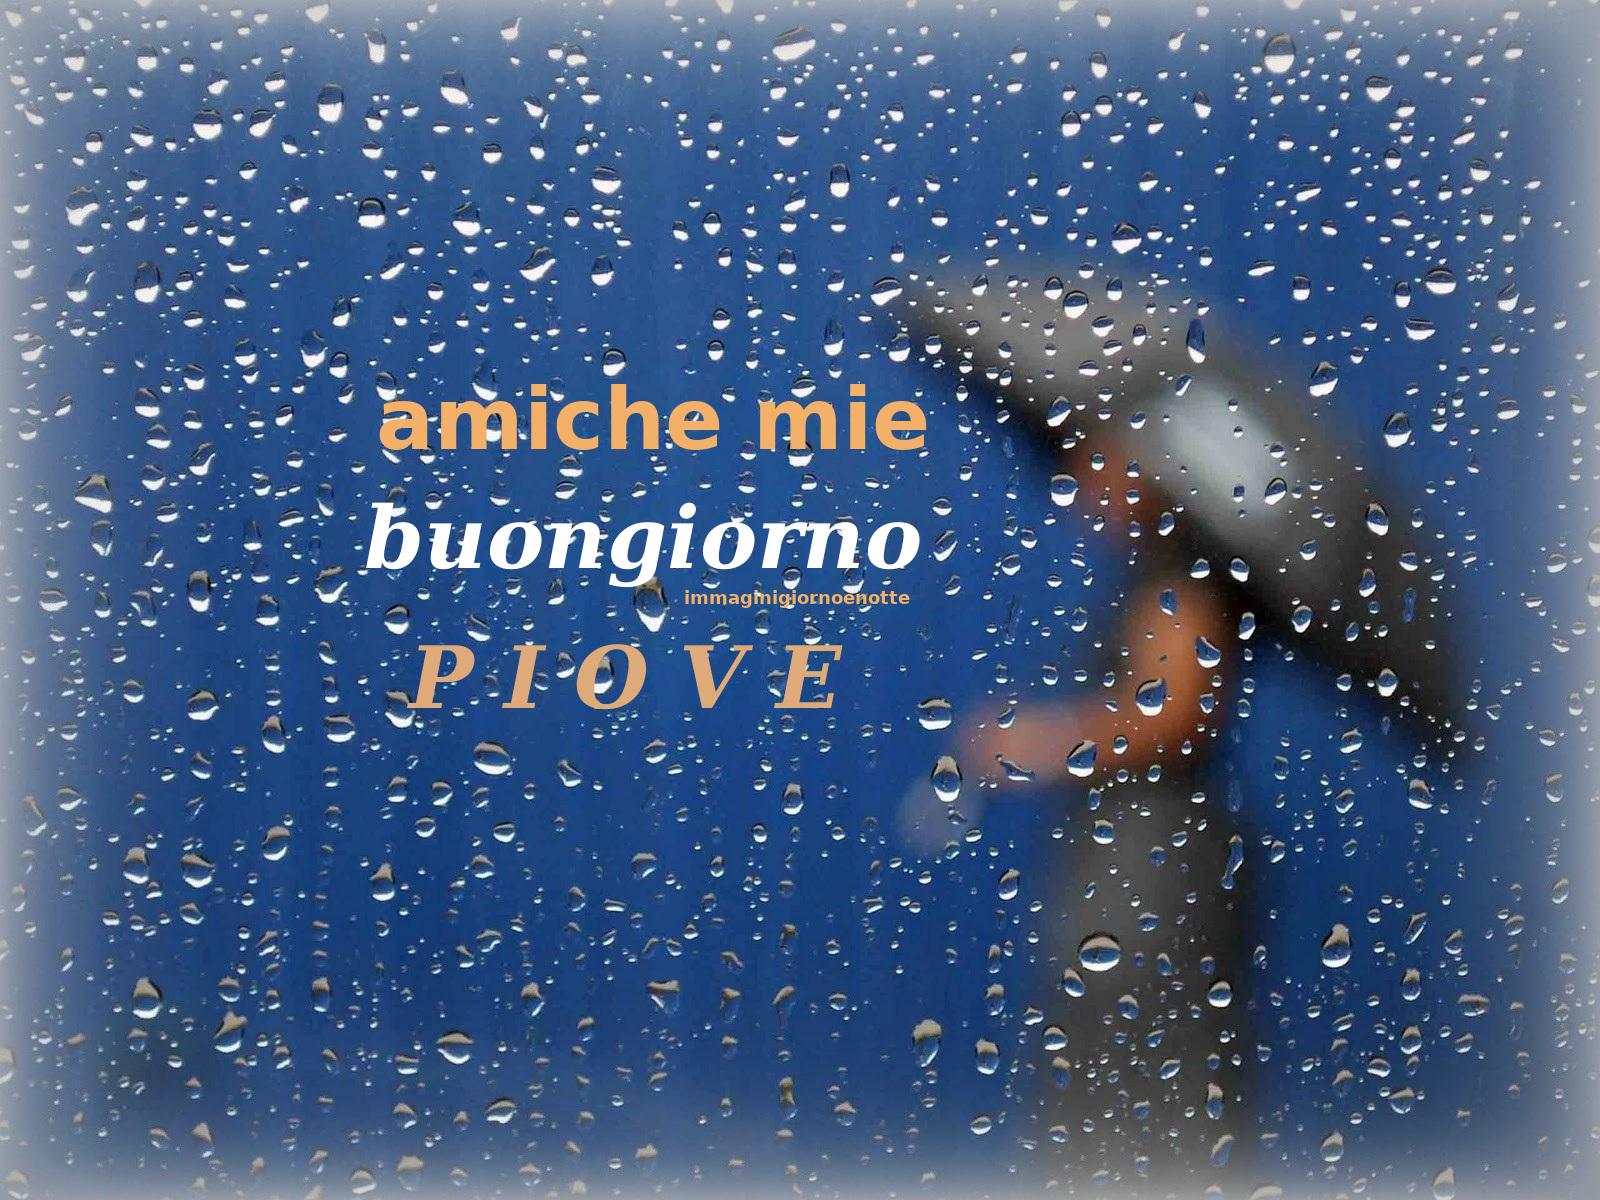 immagini buongiorno piove